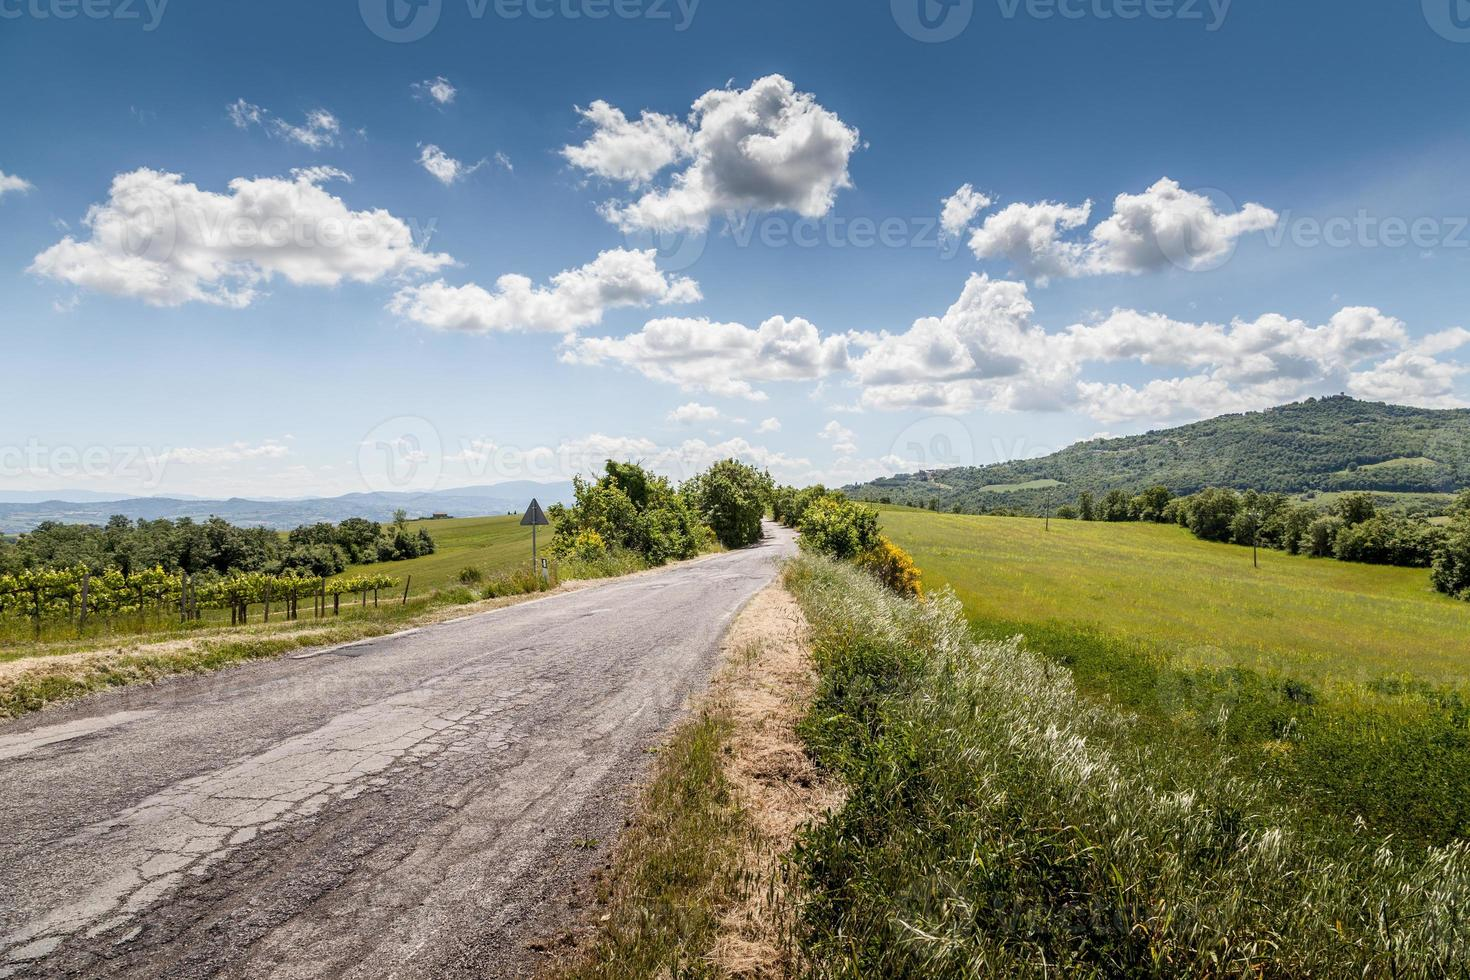 vista panoramica. collinare in toscana, italia foto